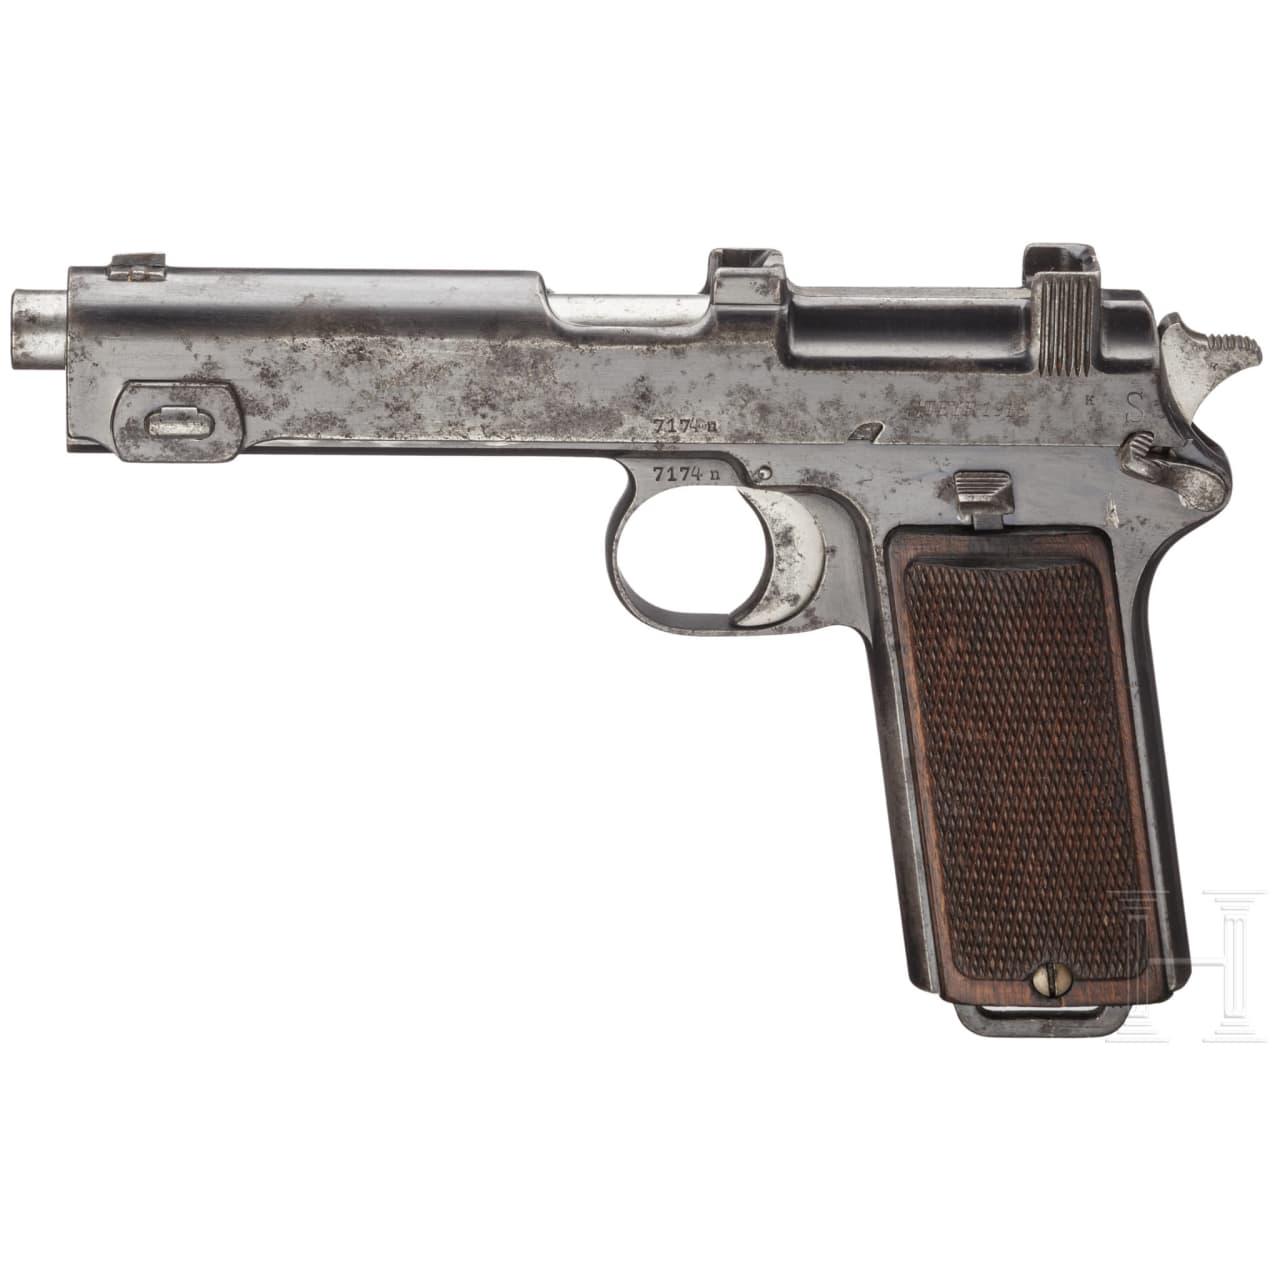 A Steyr M 1912